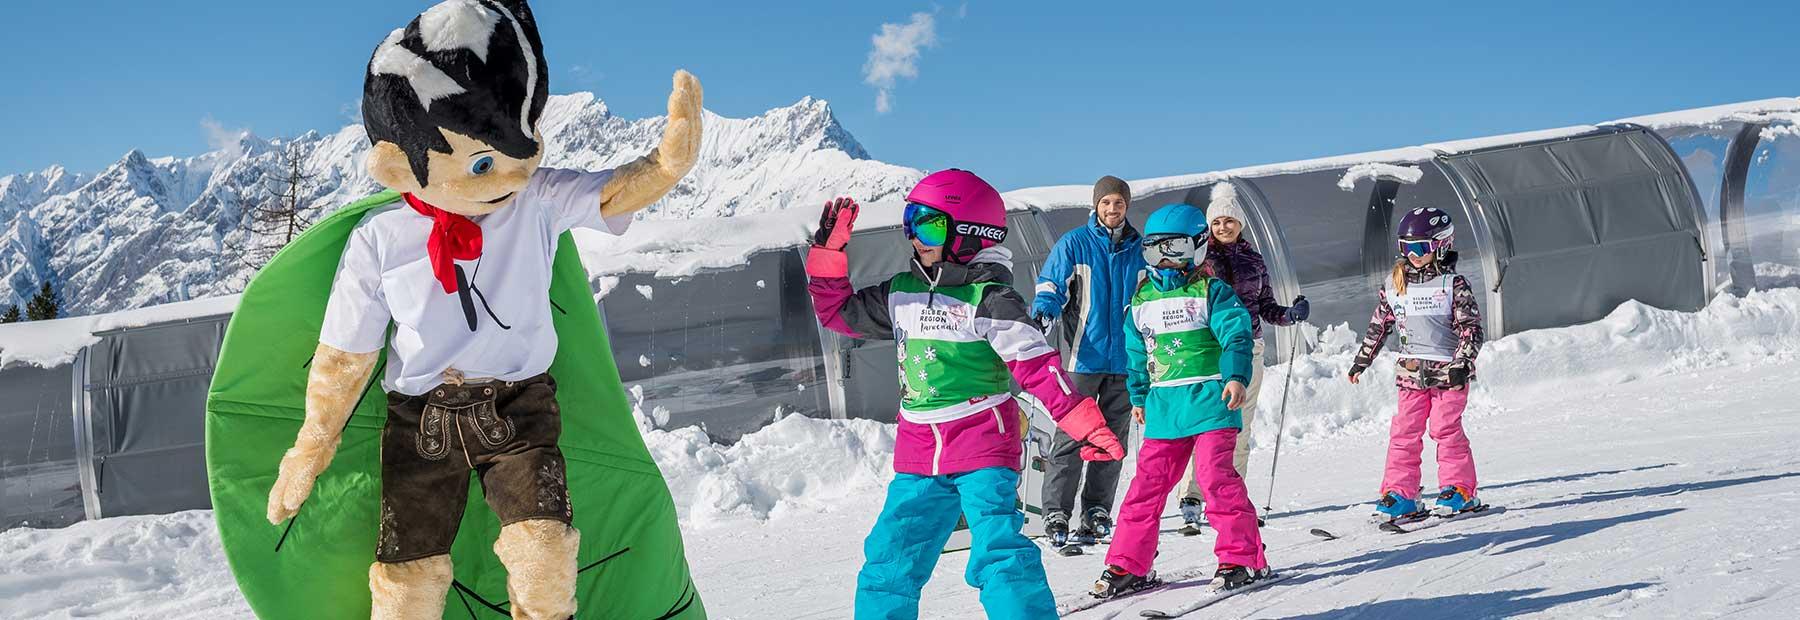 Skischule frieden das alpine panorama hotel